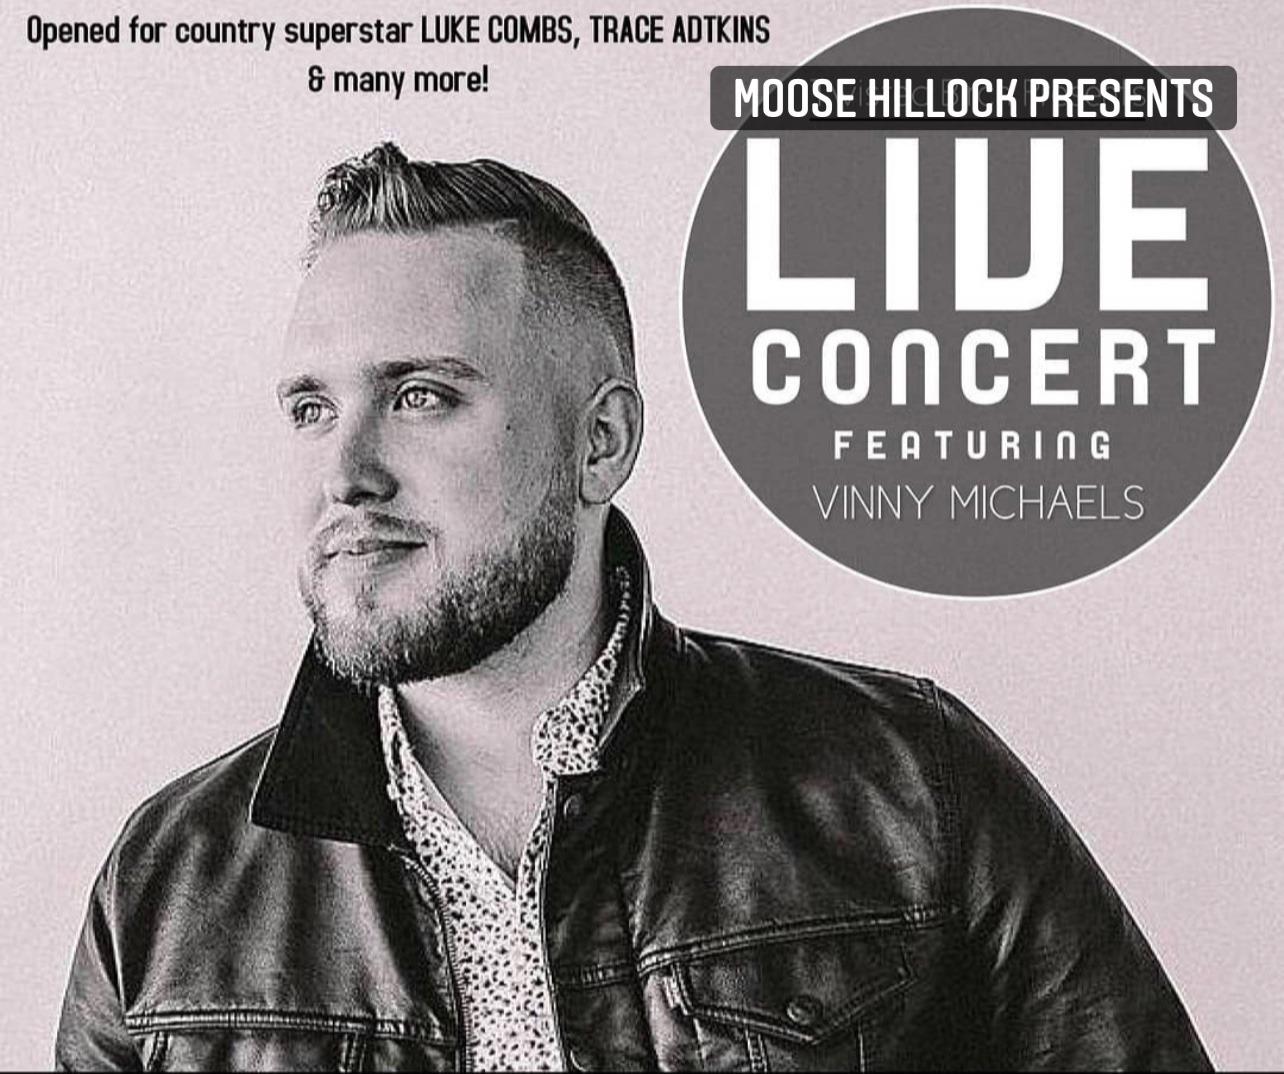 Concert Poster Vinny Micheals